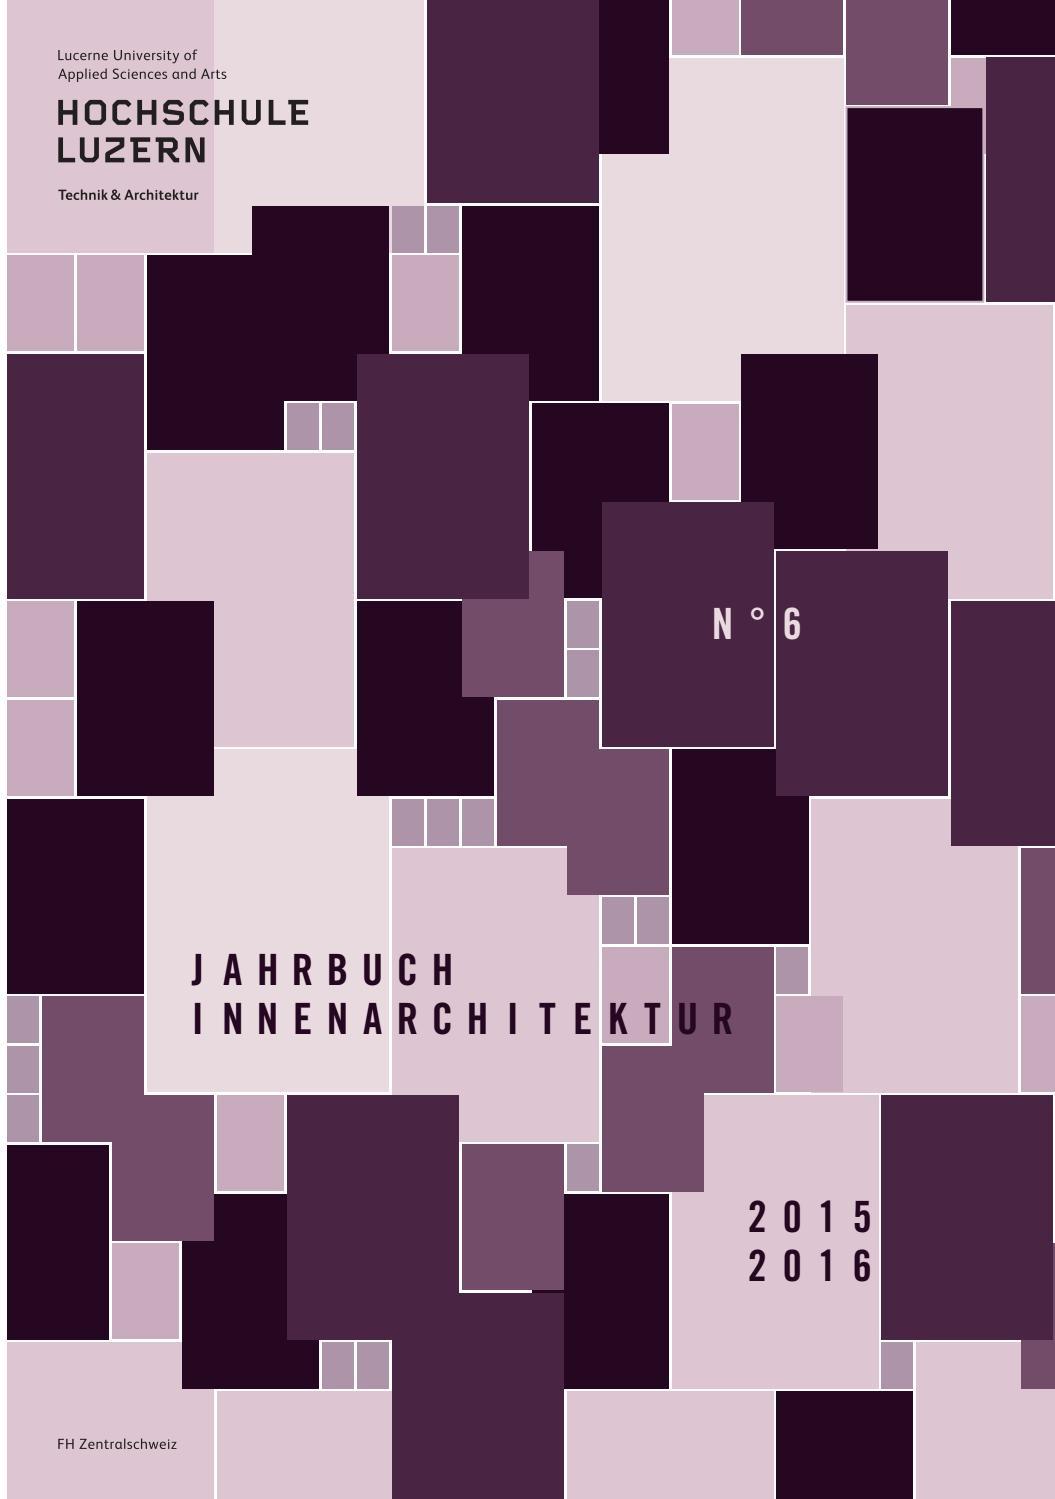 jahrbuch innenarchitektur 2015/2016 by hochschule luzern - issuu - Wirkung Von Farben Menschliche Emotionen Anwendung Im Raum 2